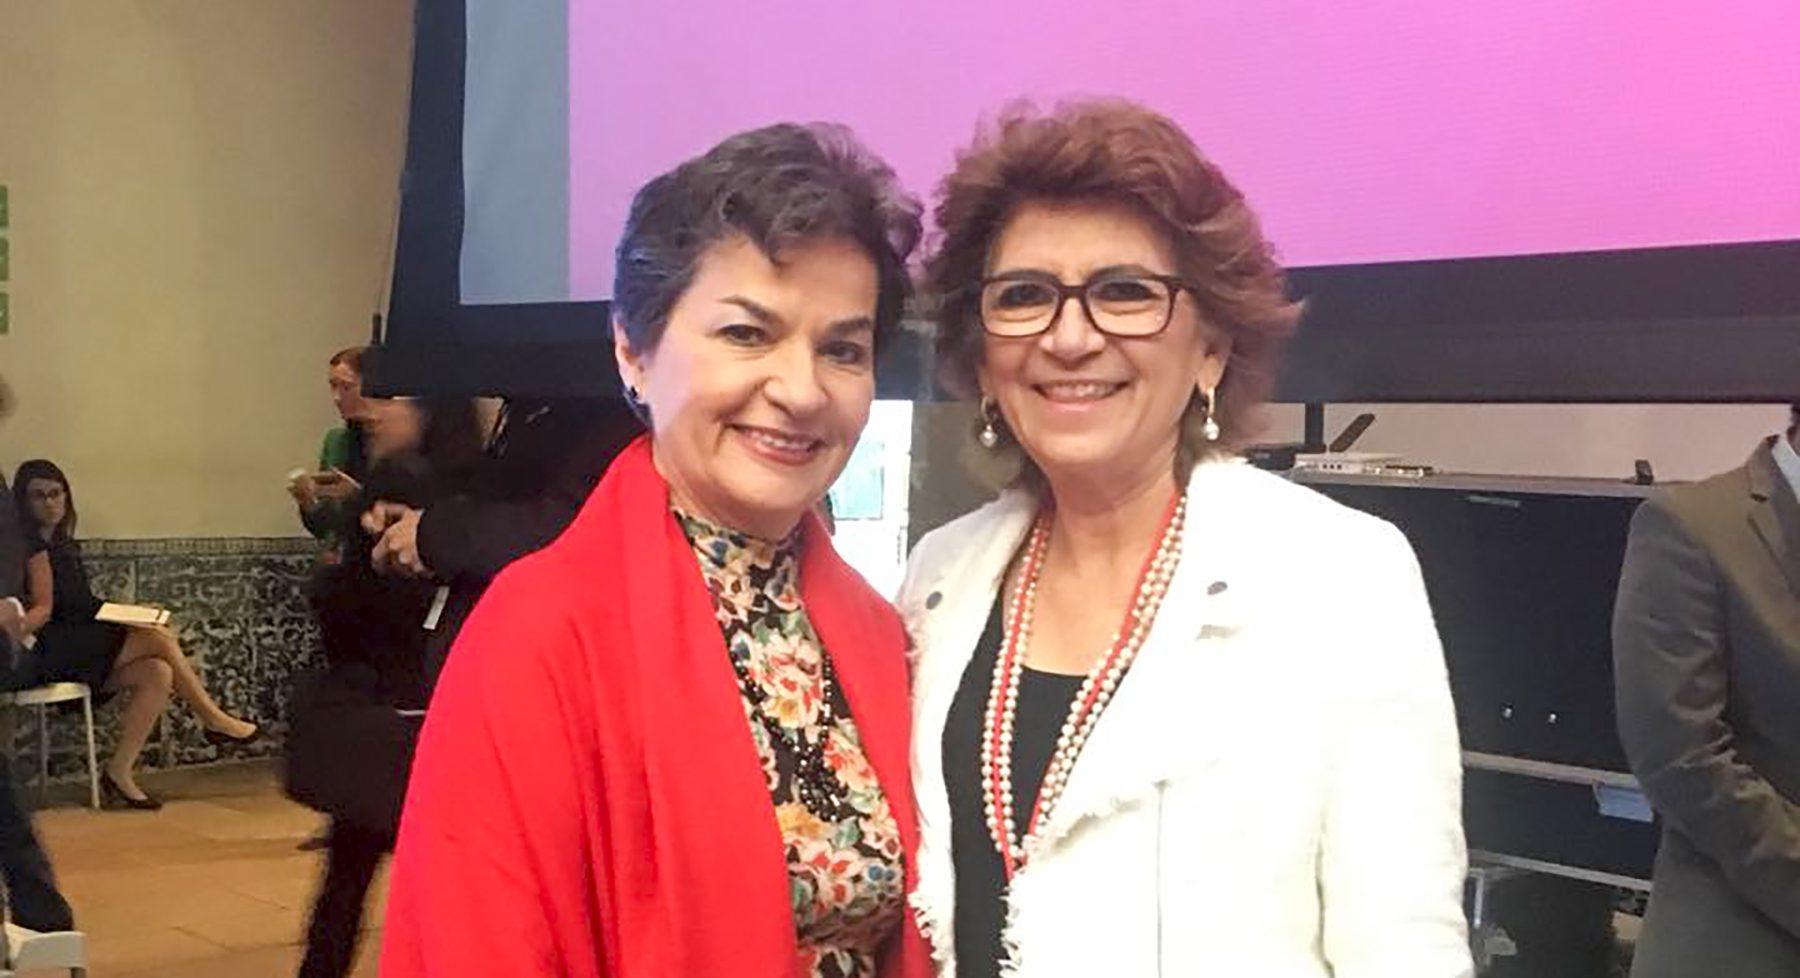 Alcaldesa de Mérida participa en II Convención Anual de Women4climate